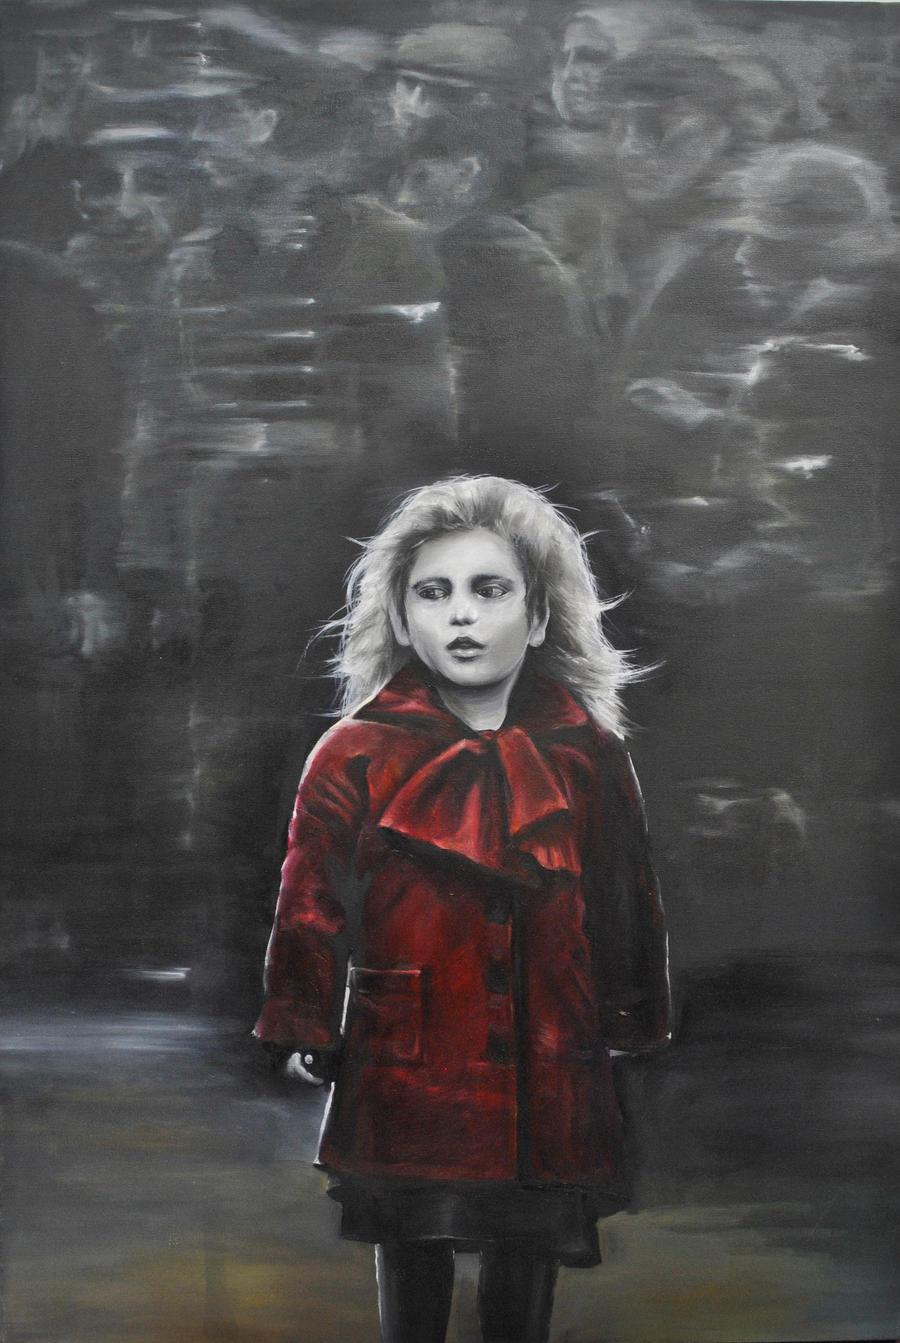 Little Girl in the Red Coat by boninuit on DeviantArt